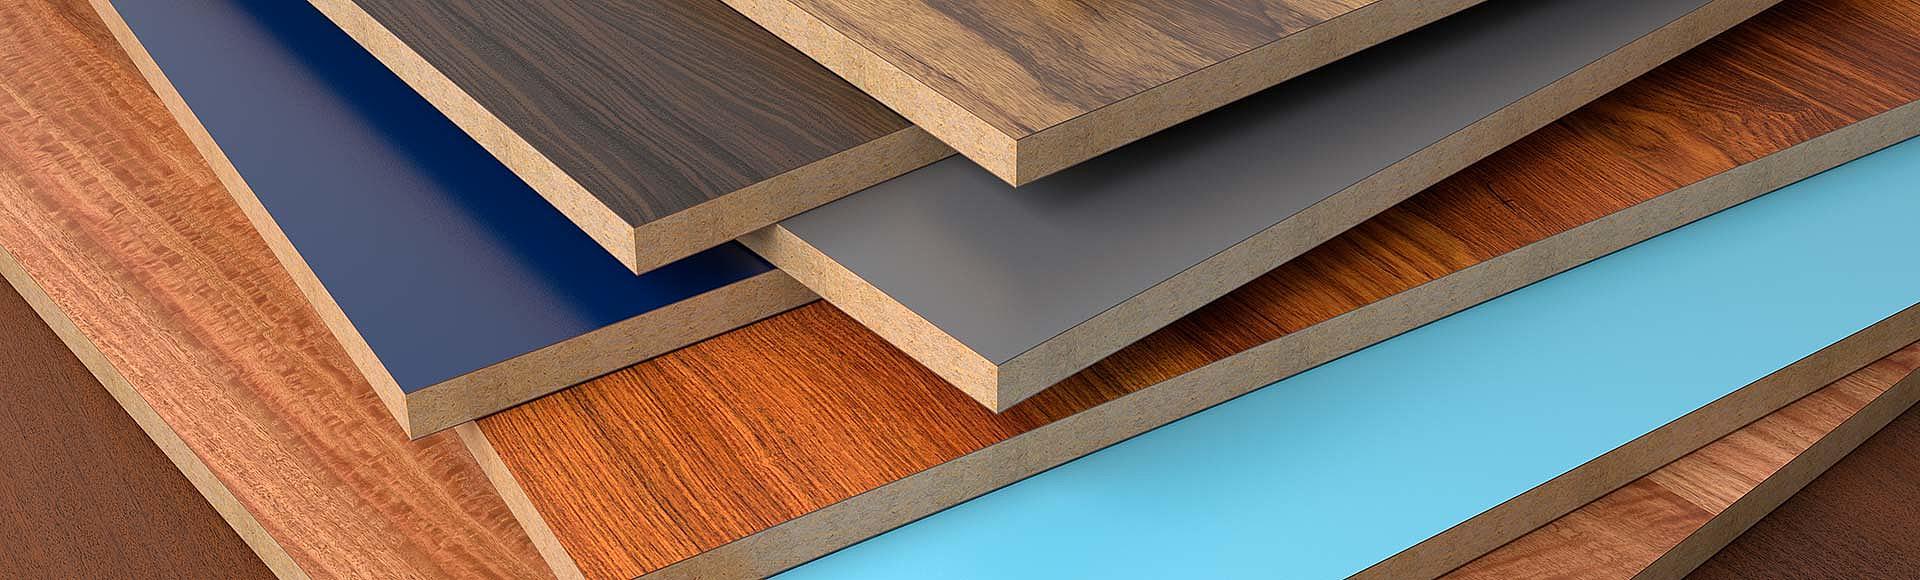 osb kvh bsh parkett t ren terrasse f r dippoldiswalde. Black Bedroom Furniture Sets. Home Design Ideas